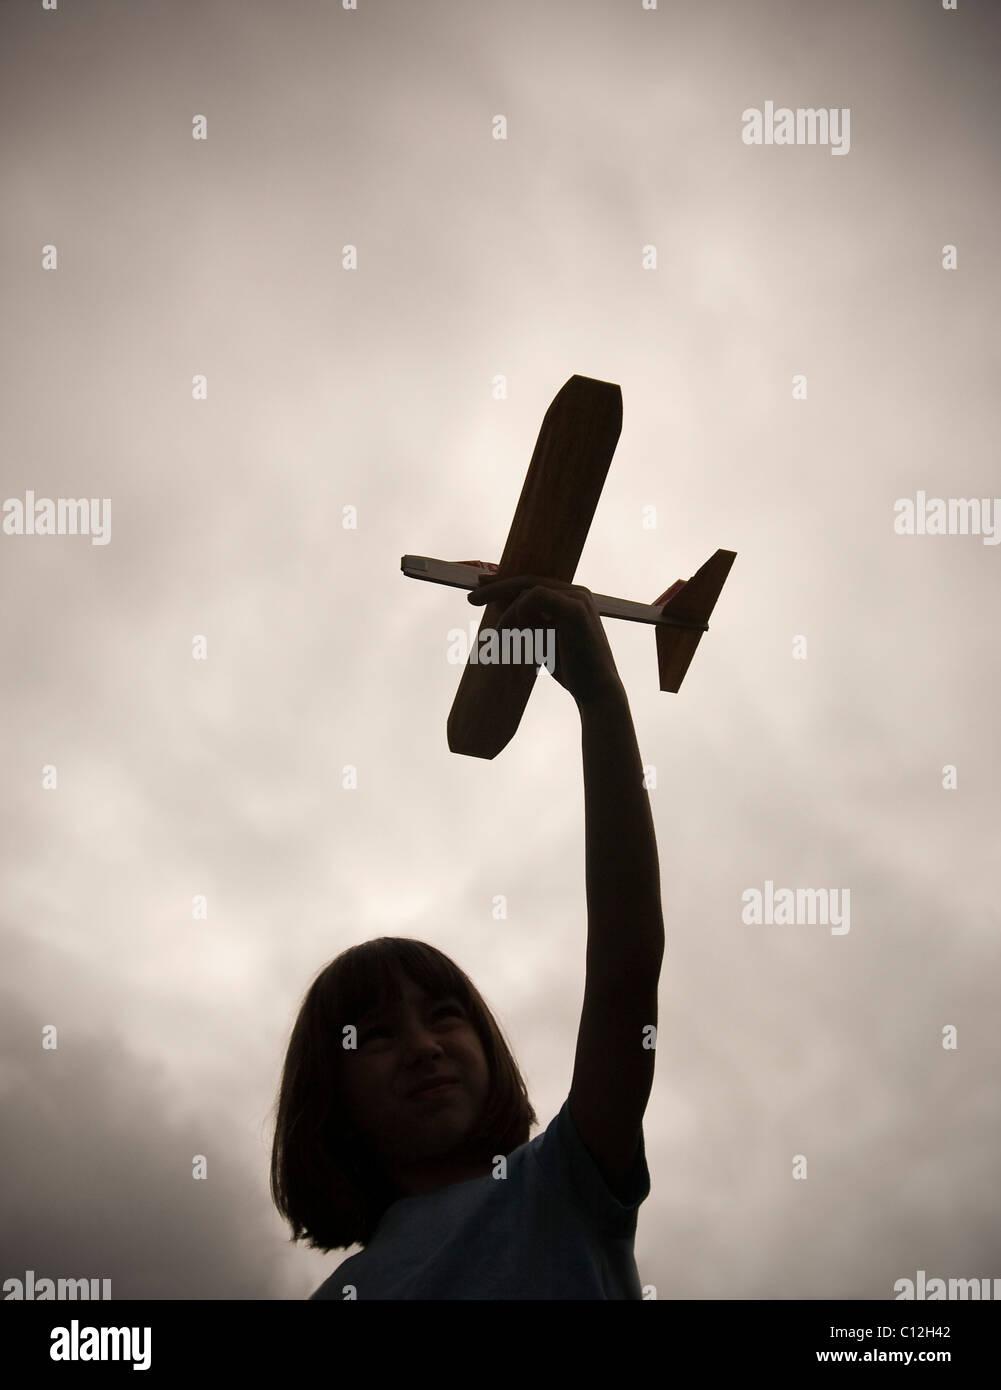 Una ragazza di 10 anni detiene un giocattolo di legno di balsa piano come ella si stagliano contro un buio e cielo Immagini Stock